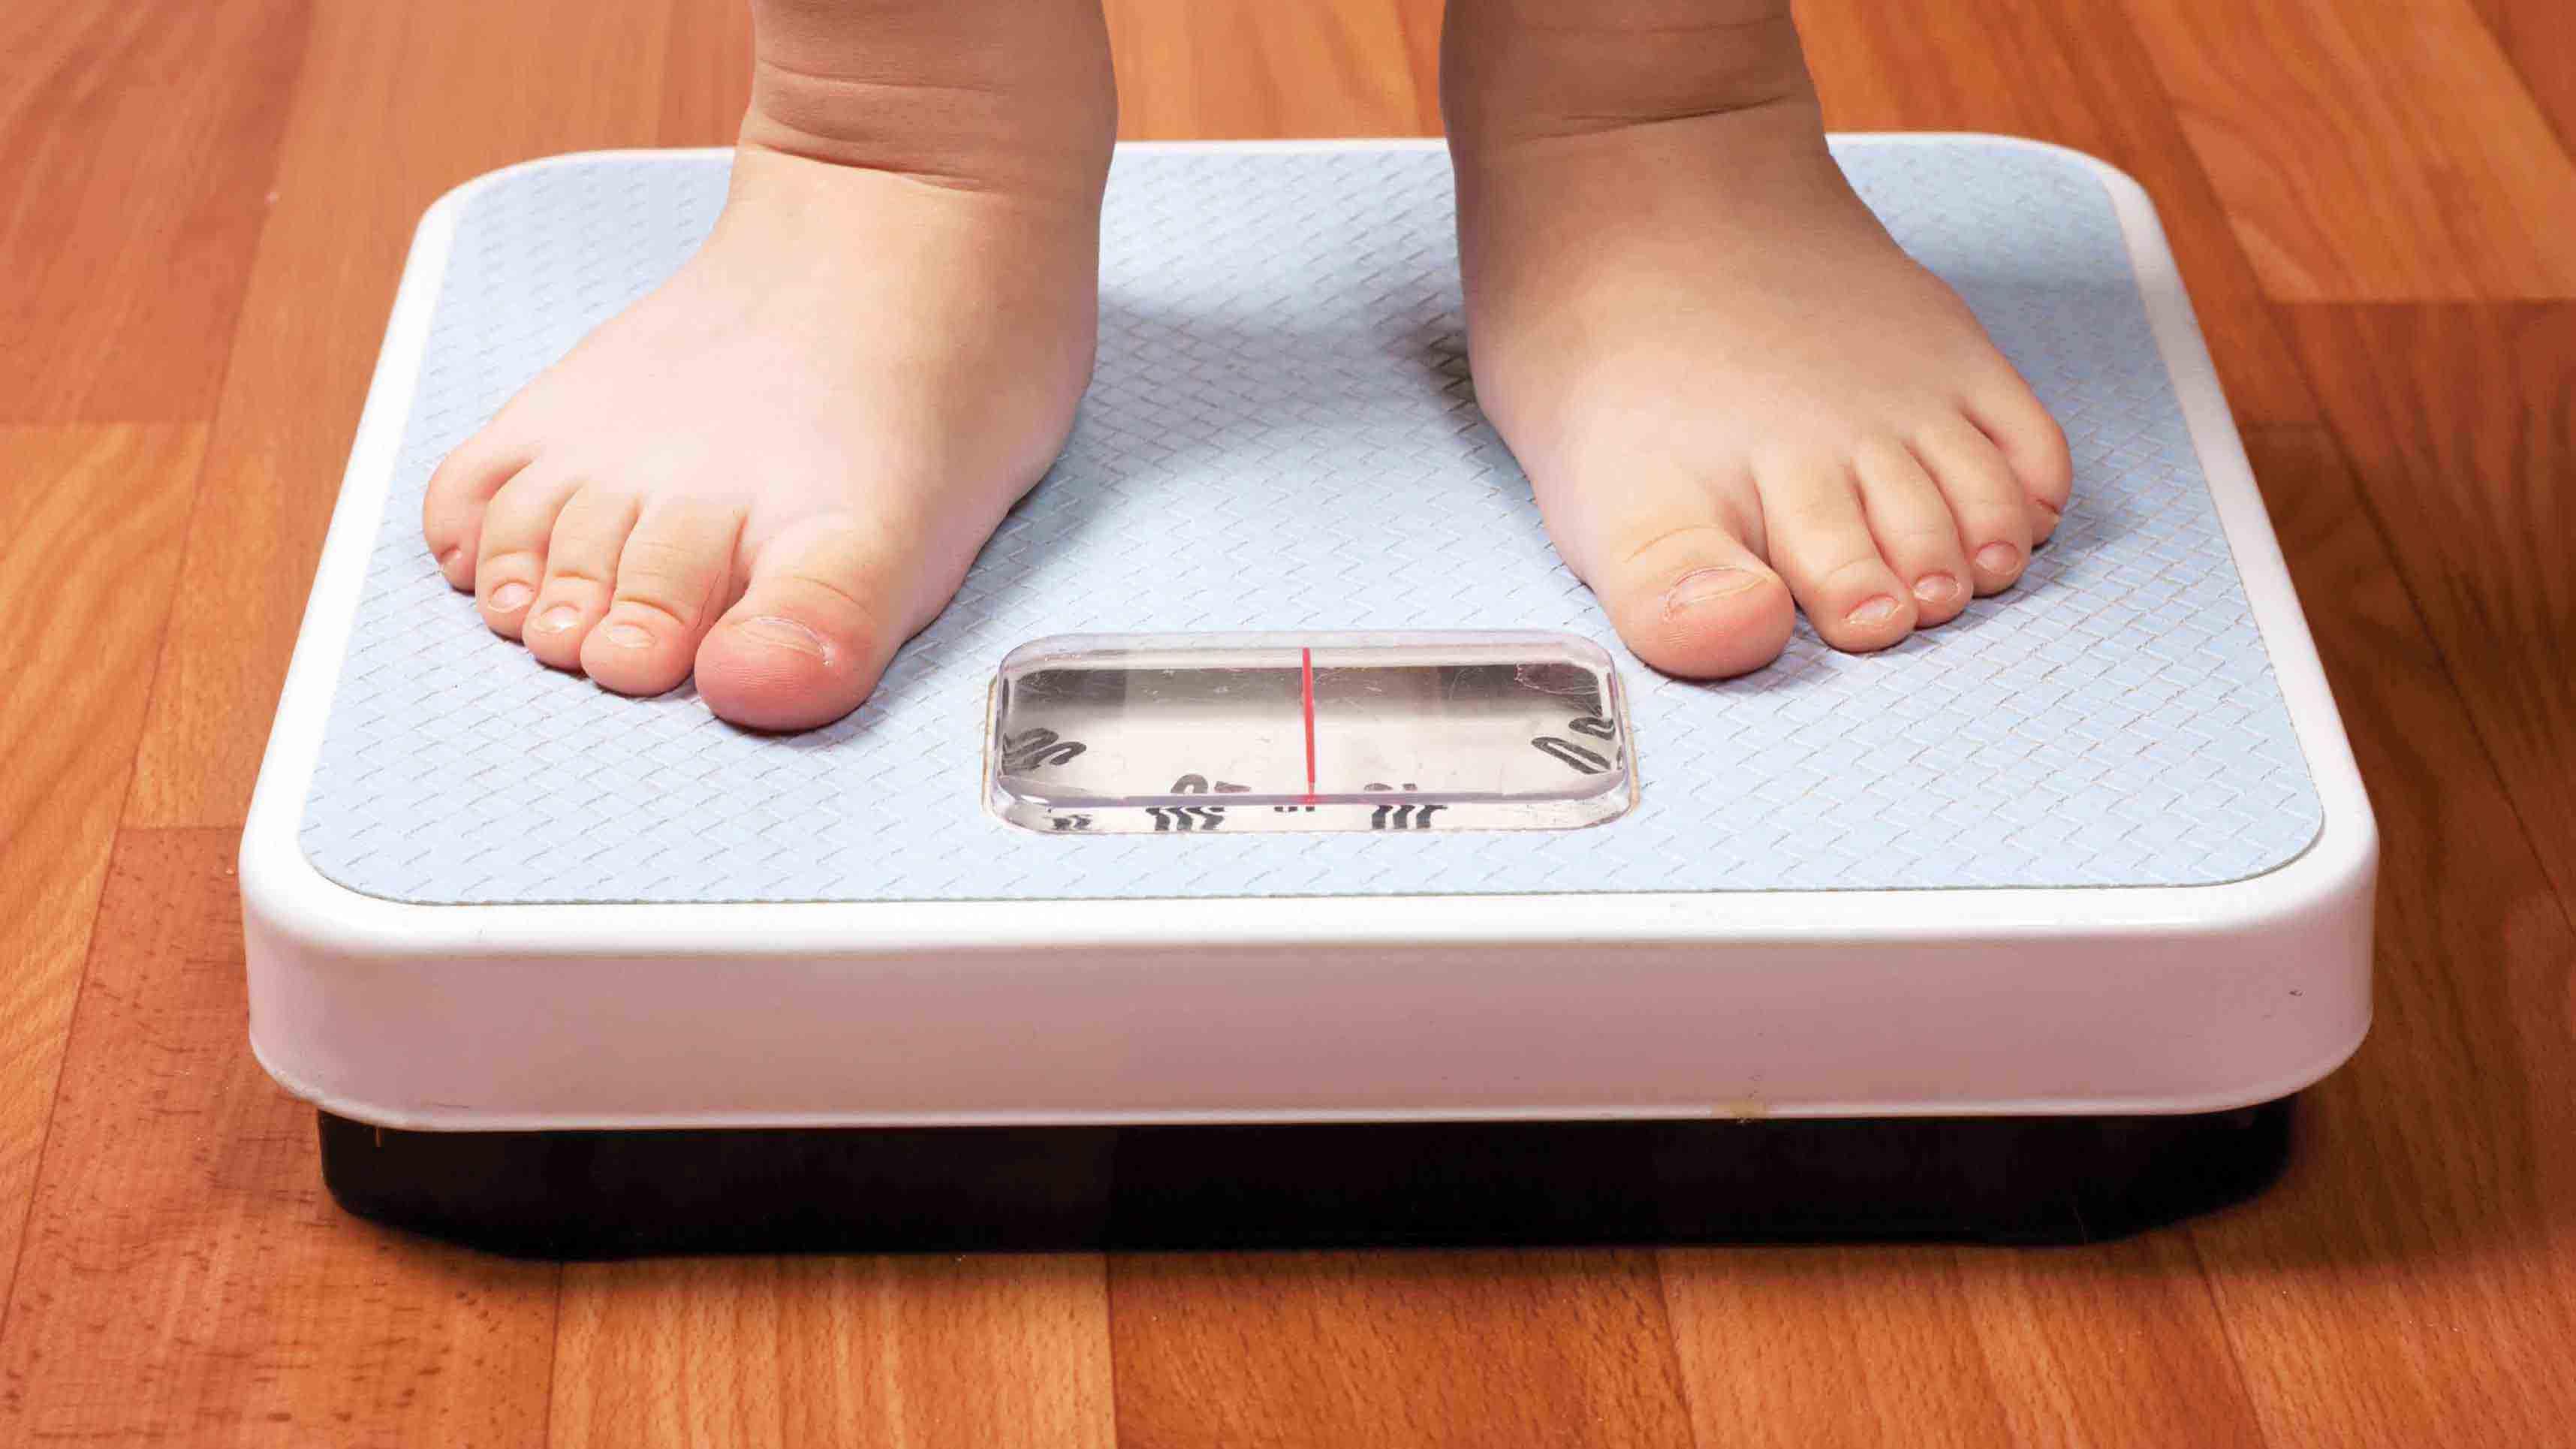 Doble Llave - Bacterias estarían vinculadas a la obesidad infantil